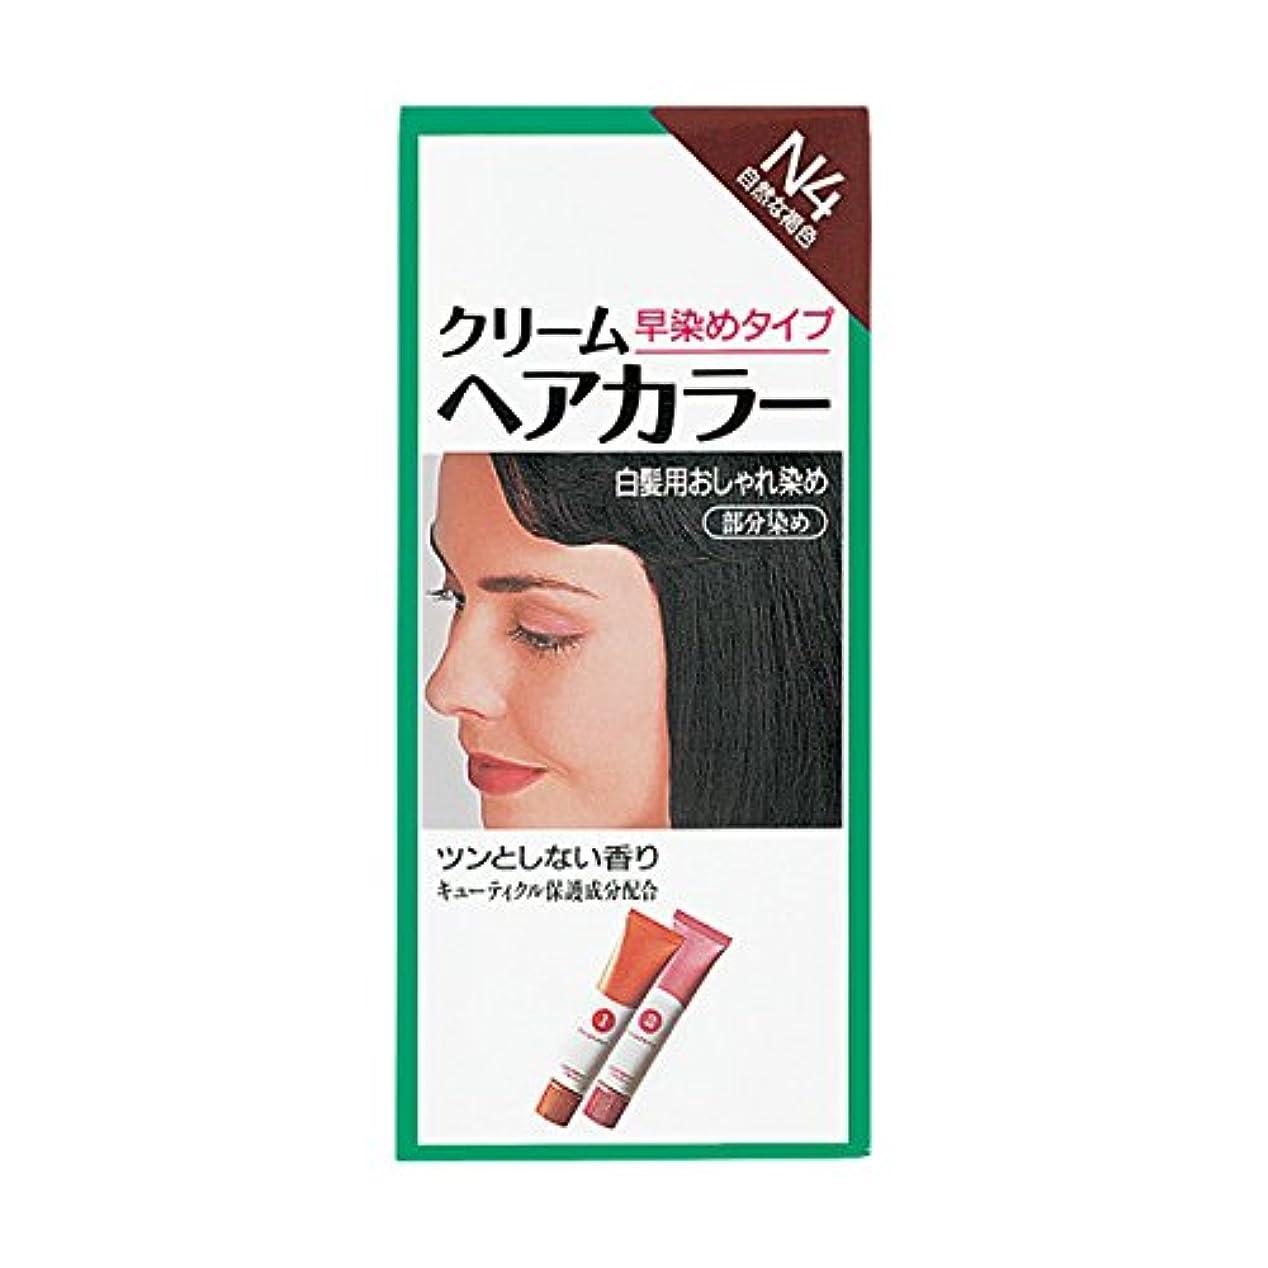 恐竜マント廃止ヘアカラー クリームヘアカラーN N4 【医薬部外品】